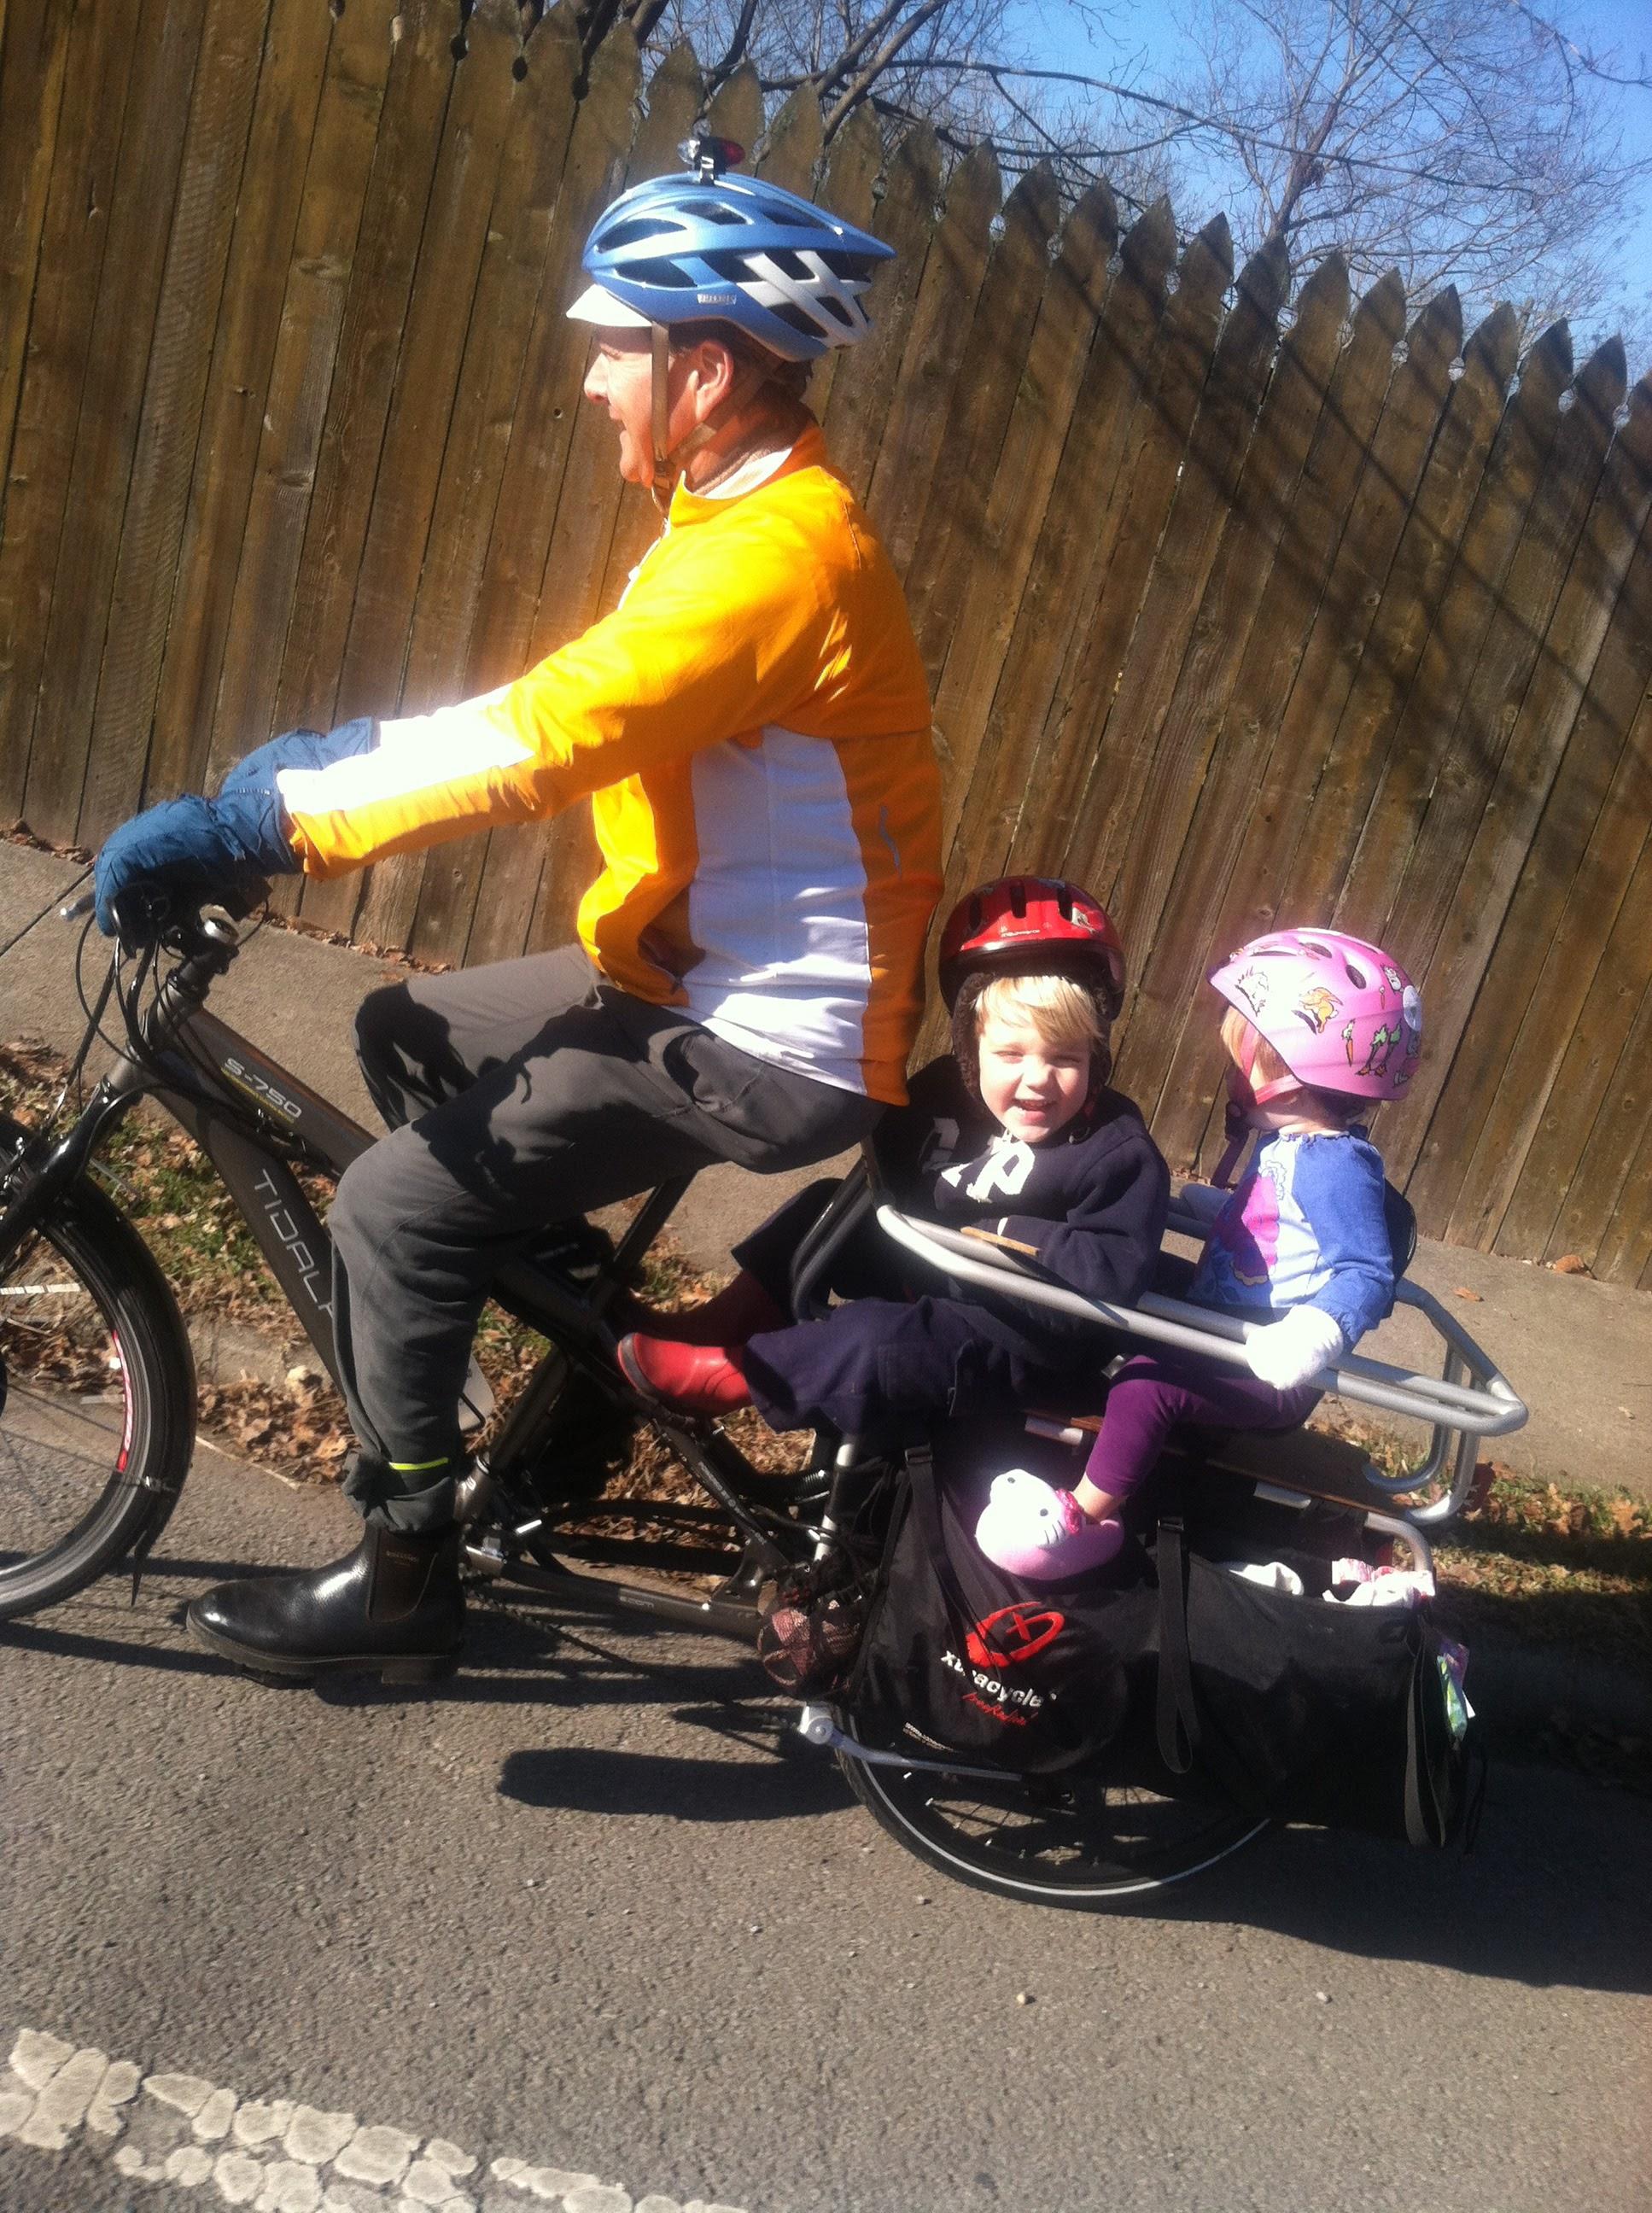 Johnson Family on Xtracycle